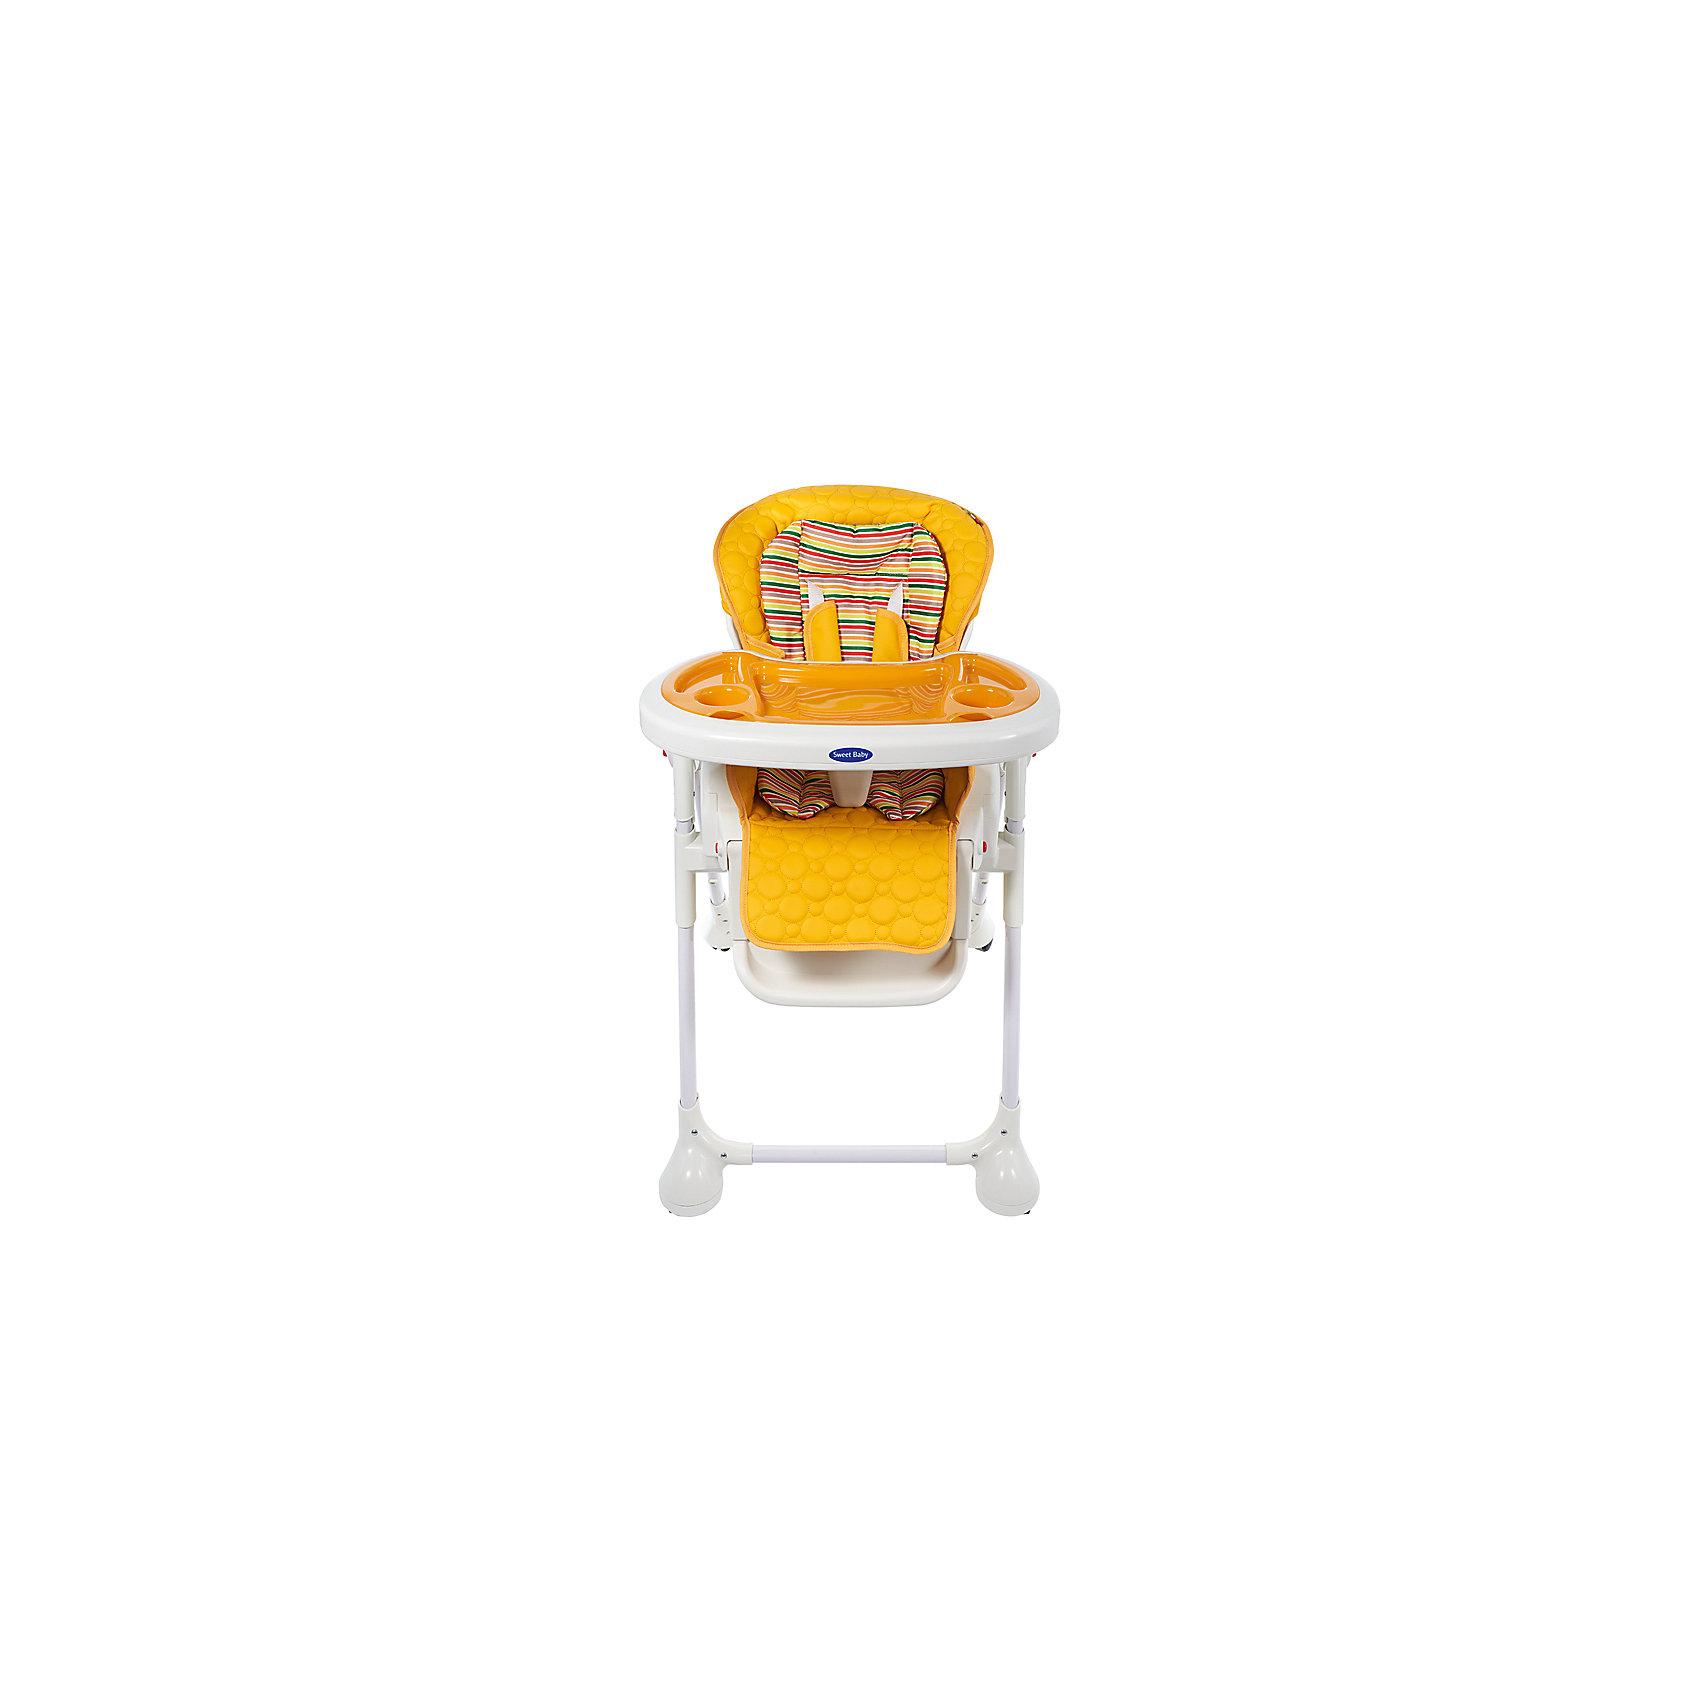 Стульчик для кормления Luxor Strip, Sweet Baby, Arancioneот рождения<br>Характеристика товара:<br><br>• цвет: Arancione (оранжевый)<br>• используется в качестве стульчика для кормления или шезлонга для сна<br>• наклон спинки регулируется, устанавливается в горизонтальное положение<br>• регулируемая по высоте спинка (5 уровней)<br>• угол наклона спинки регулируется (3 положения)<br>• регулируемая длина подножки (3 уровня)<br>• чехол из экокожи<br>• яркий вкладыш из мягкой гипоаллергенной ткани (снимается)<br>• сетчато-текстильная корзина для аксессуаров<br>• 5-точечные ремни безопасности с надежным замком и мягкими накладками<br>• 3 позиции глубины и высоты подноса<br>• съемная верхняя накладка на поднос и 2 углубления для посуды<br>• 4 колеса со стоперами<br>• компактные размеры и устойчивость в сложенном виде<br>• возраст: от 0 месяцев<br>• материал рамы: металл, пластик<br>• страна производства: Китай<br>• вес: 15 кг<br>• размер упаковки: 91х30х65 см<br><br>Стульчик для кормления Sweet Baby Luxor Strip входит в лимитированную эксклюзивную серию Strip, которая выпускается ограниченным тиражом.<br><br>Компактный стульчик для кормления теперь может быть и кроваткой – Вы сможете заняться любым делом, параллельно убаюкивая своего малыша.<br><br>Стульчик легко перемещается, а это значит, что Вы сможете убаюкать крошку там, где Вам удобно.<br><br>Стульчик для кормления Luxor Strip, Sweet Baby, Arancione можно купить в нашем интернет-магазине.<br><br>Ширина мм: 640<br>Глубина мм: 910<br>Высота мм: 300<br>Вес г: 17400<br>Возраст от месяцев: 0<br>Возраст до месяцев: 36<br>Пол: Унисекс<br>Возраст: Детский<br>SKU: 5583538